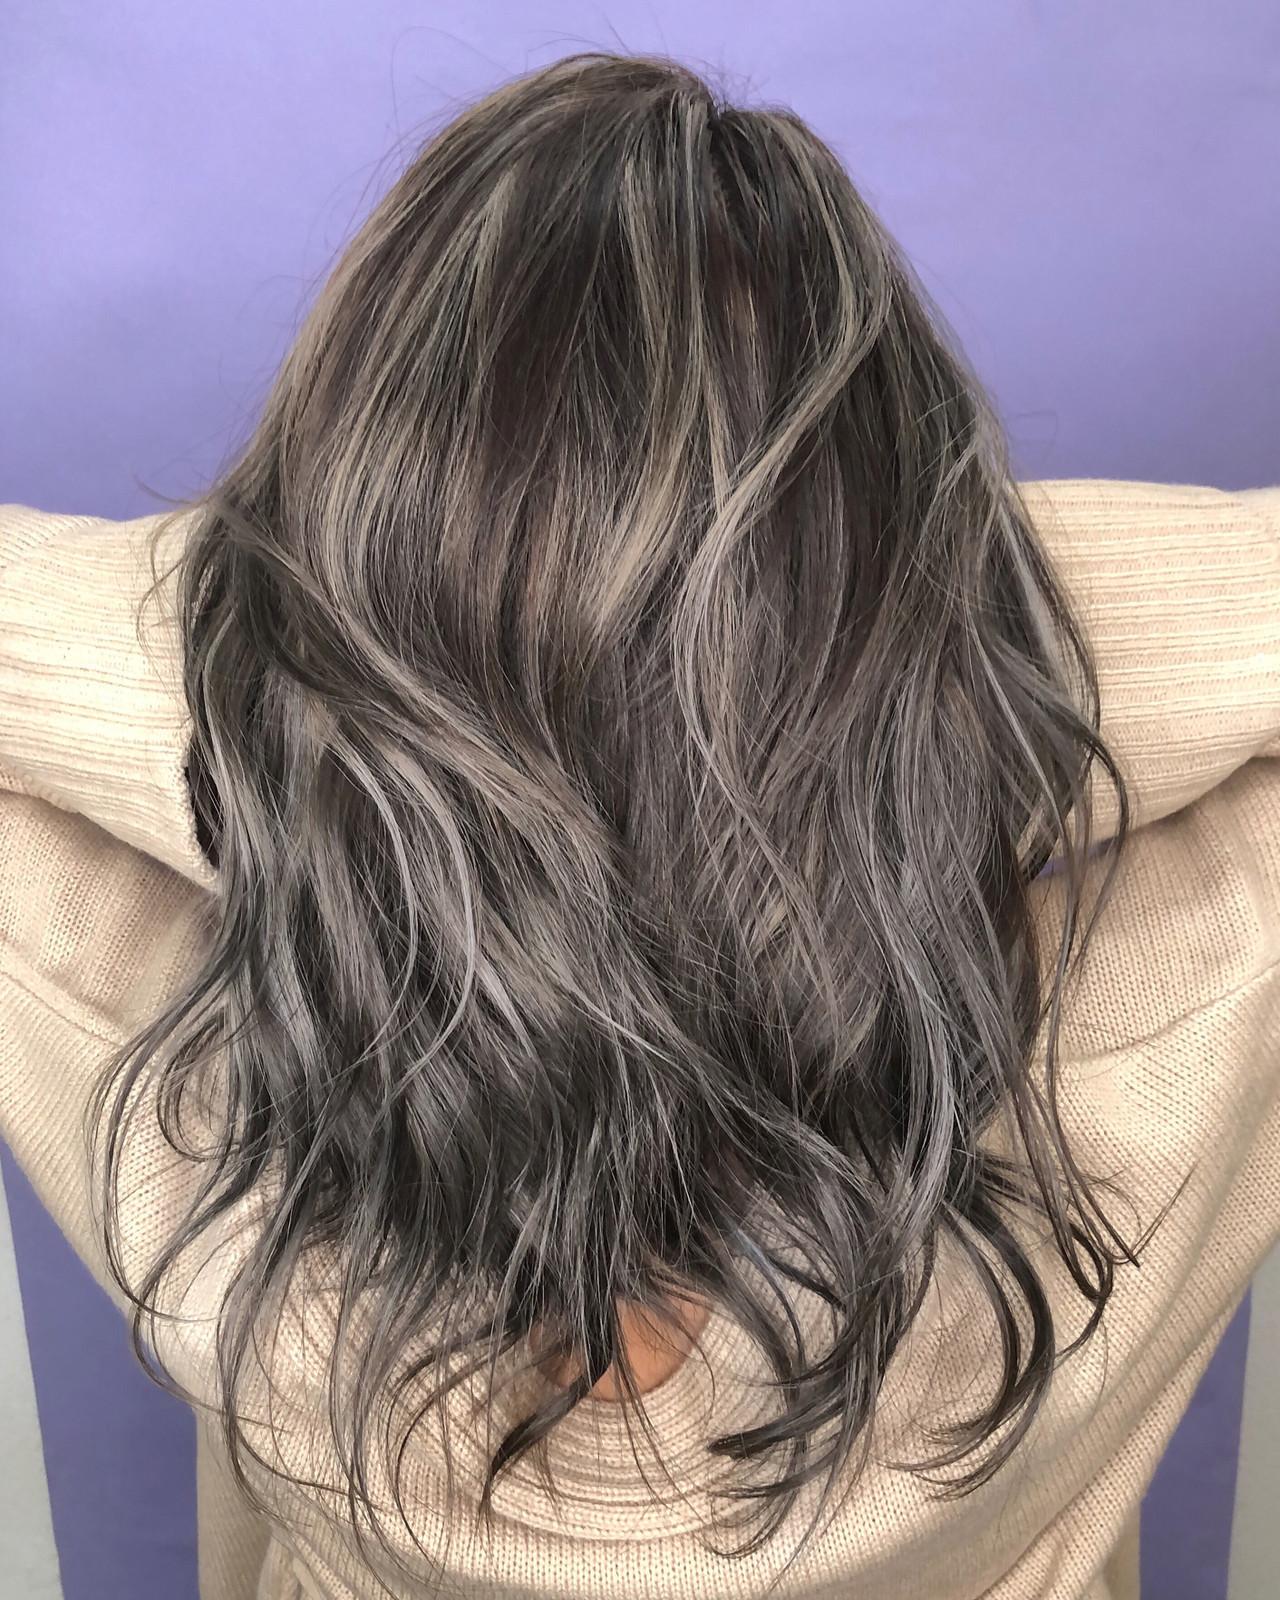 大人ハイライト ストリート ハイライト セミロング ヘアスタイルや髪型の写真・画像